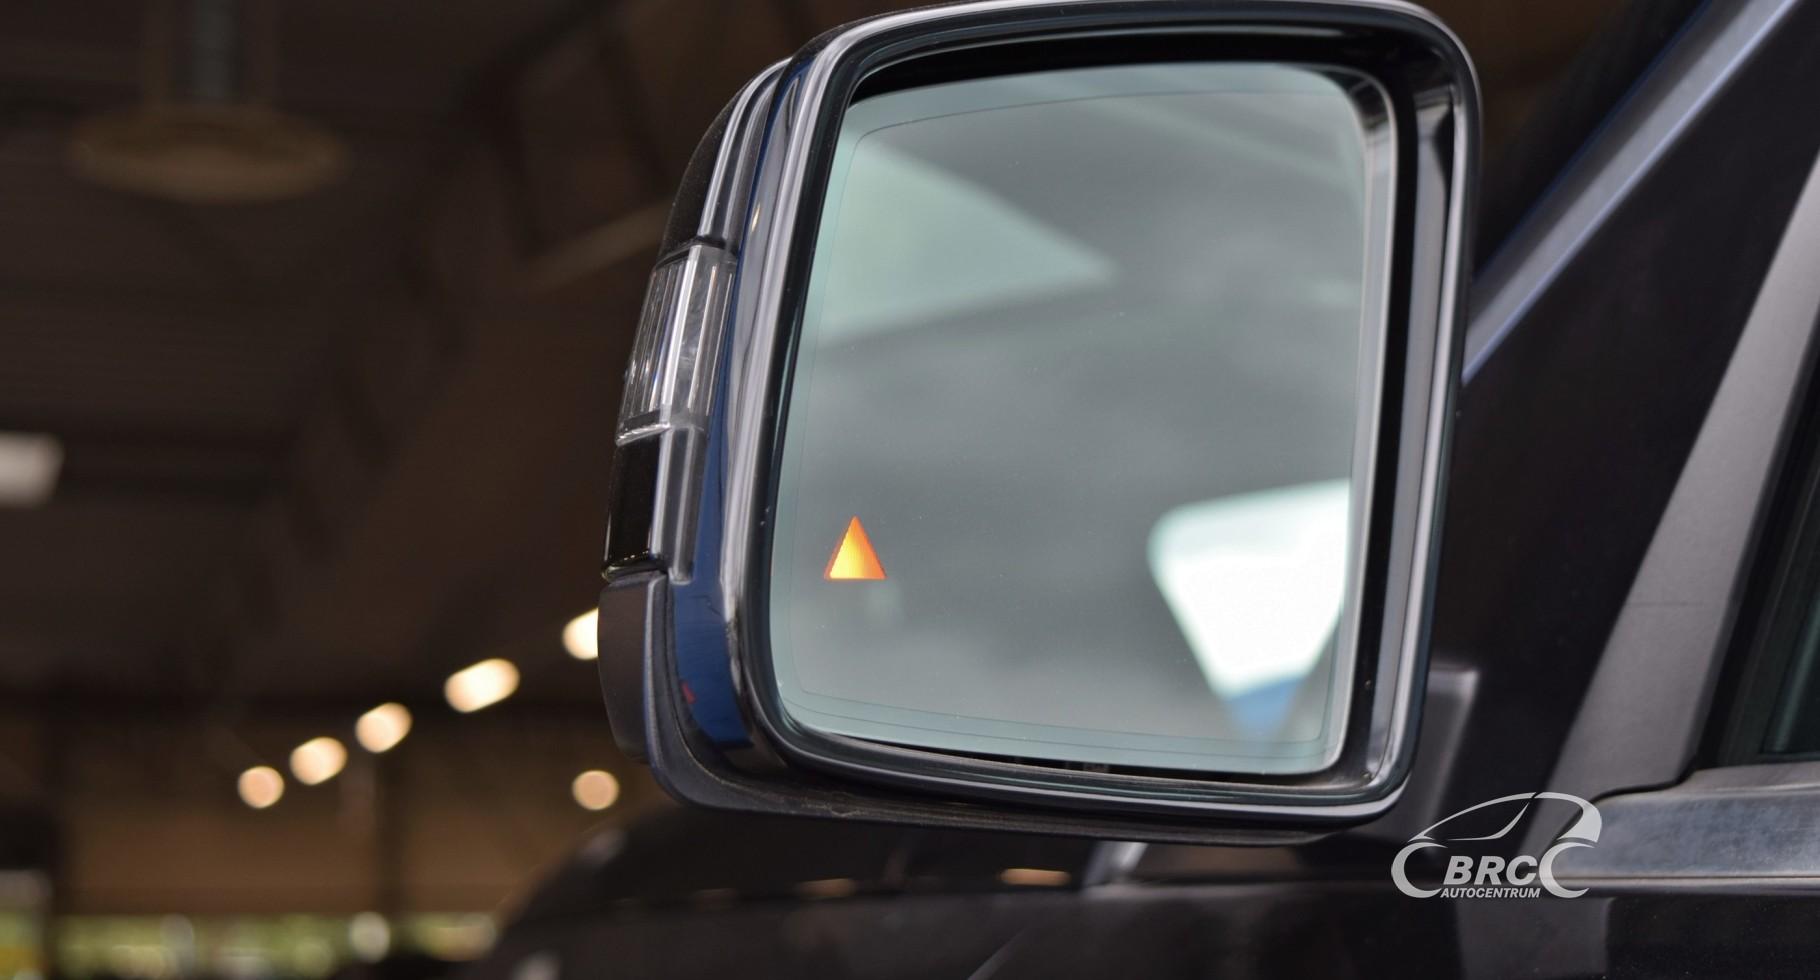 Mercedes-Benz GL 350 Bluetec 4Matic 7 seats